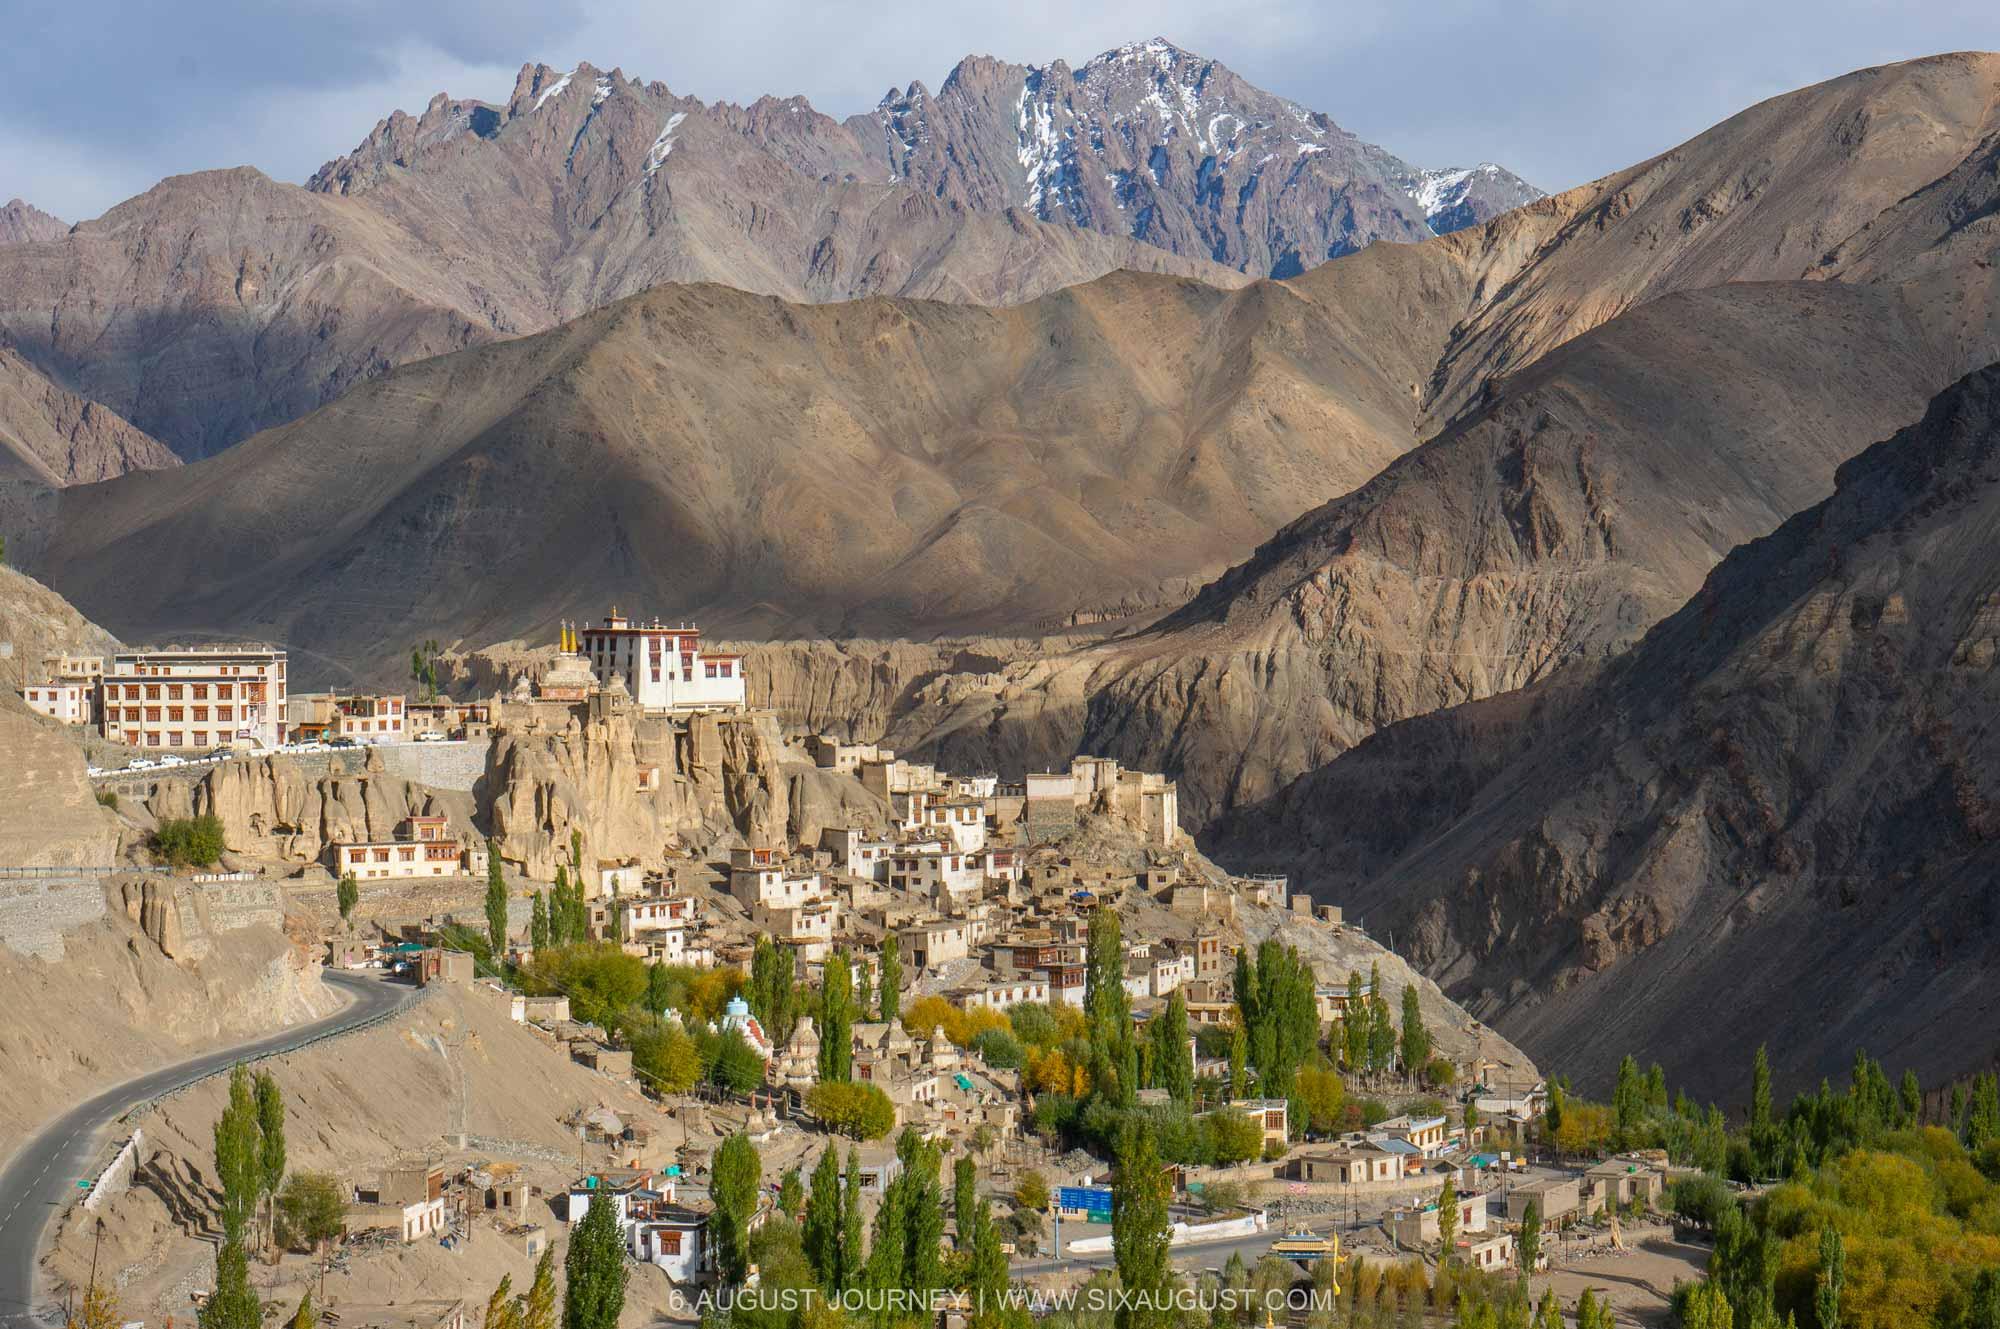 วิวรอบ Lamayuru Monastery คือ